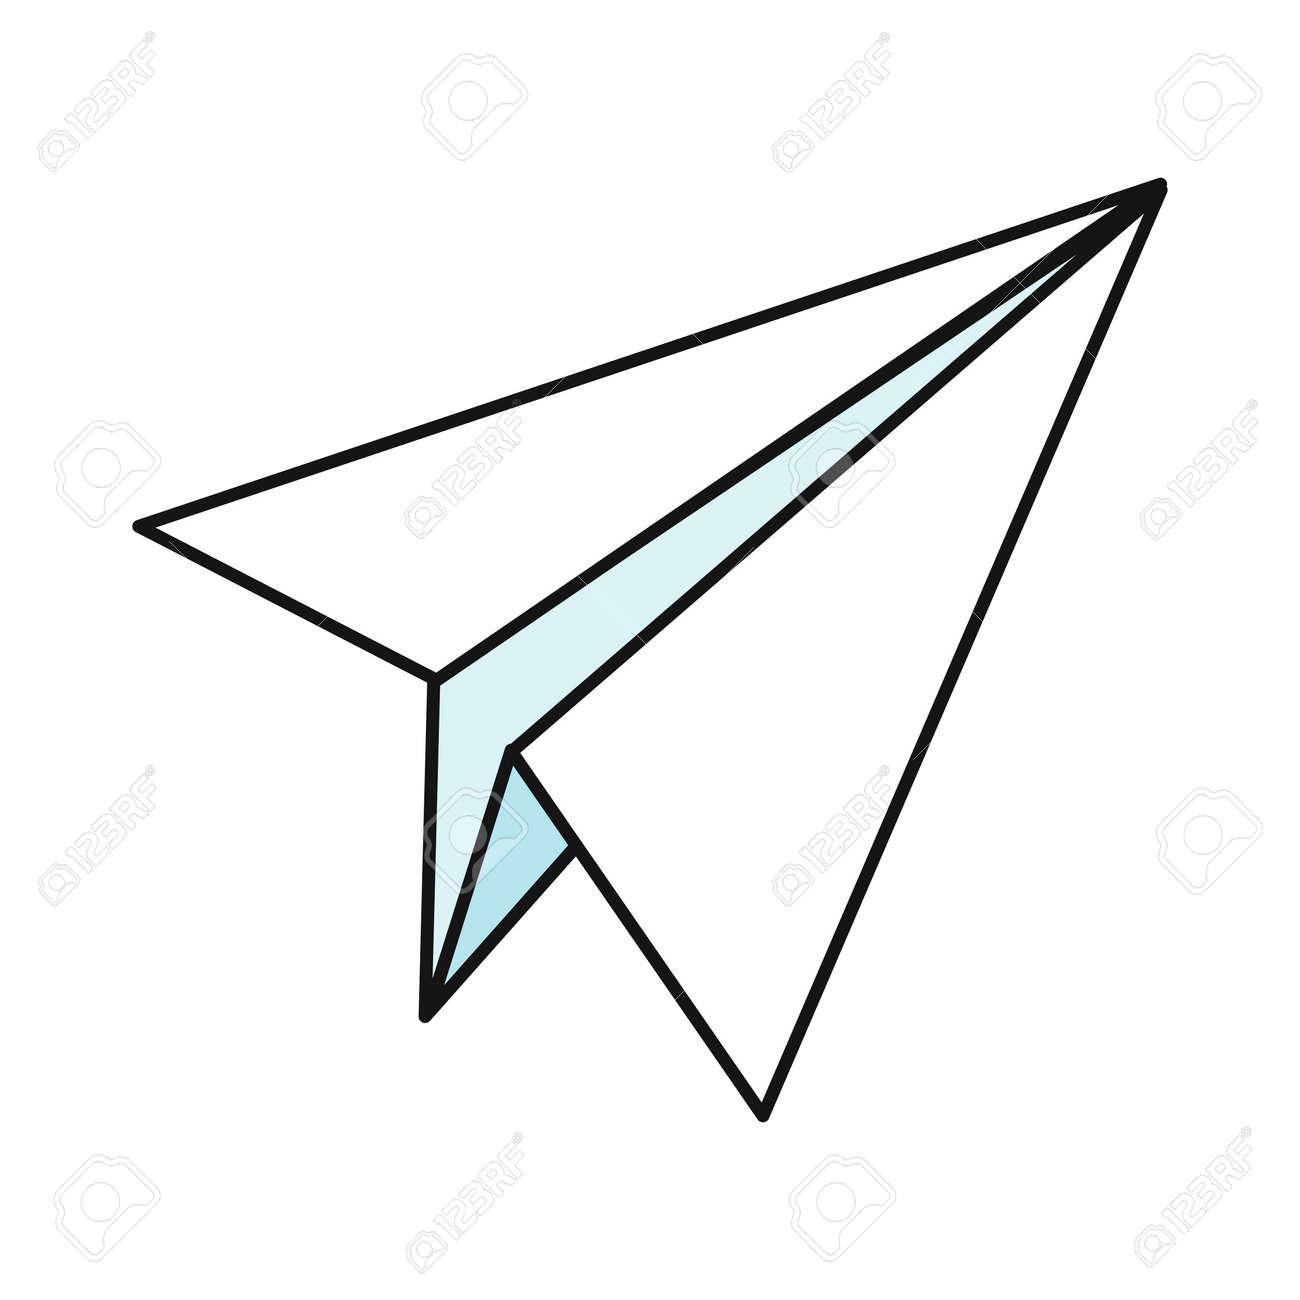 paper plane icon paper airplane icon paper aircraft business rh 123rf com